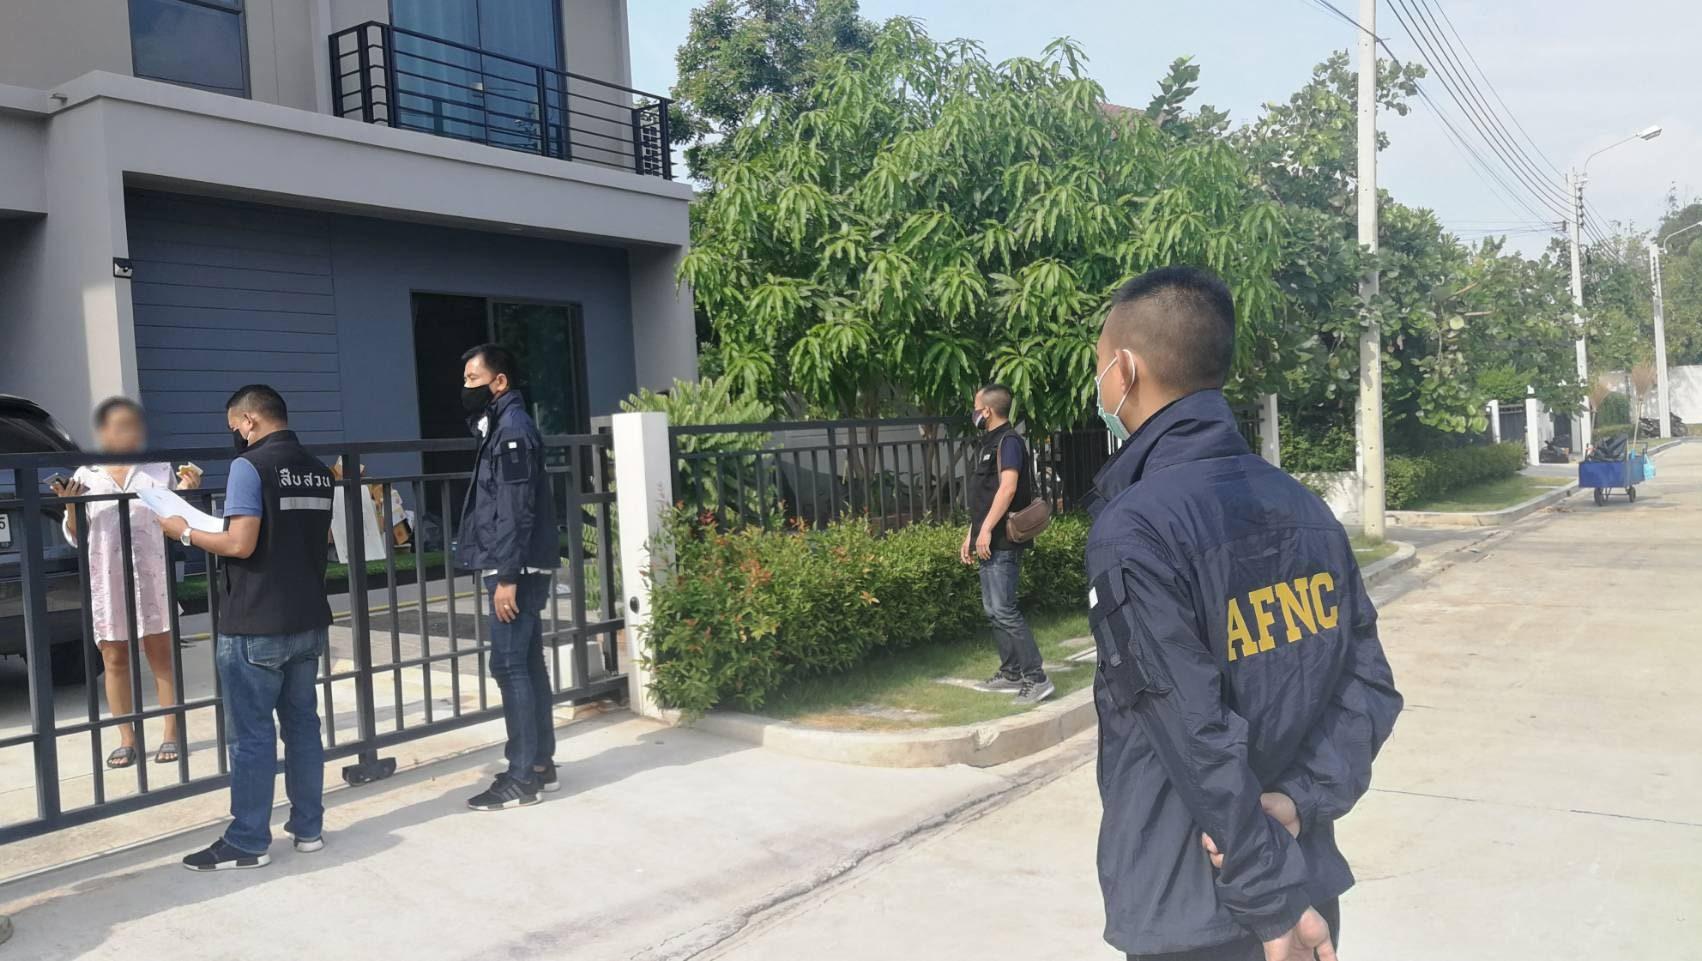 'พุทธิพงษ์' ประสานตำรวจลุยปราบข่าวปลอม ล่าสุดพบอีก 16 ราย ฝ่าฝืน พ.ร.ก.ฉุกเฉิน